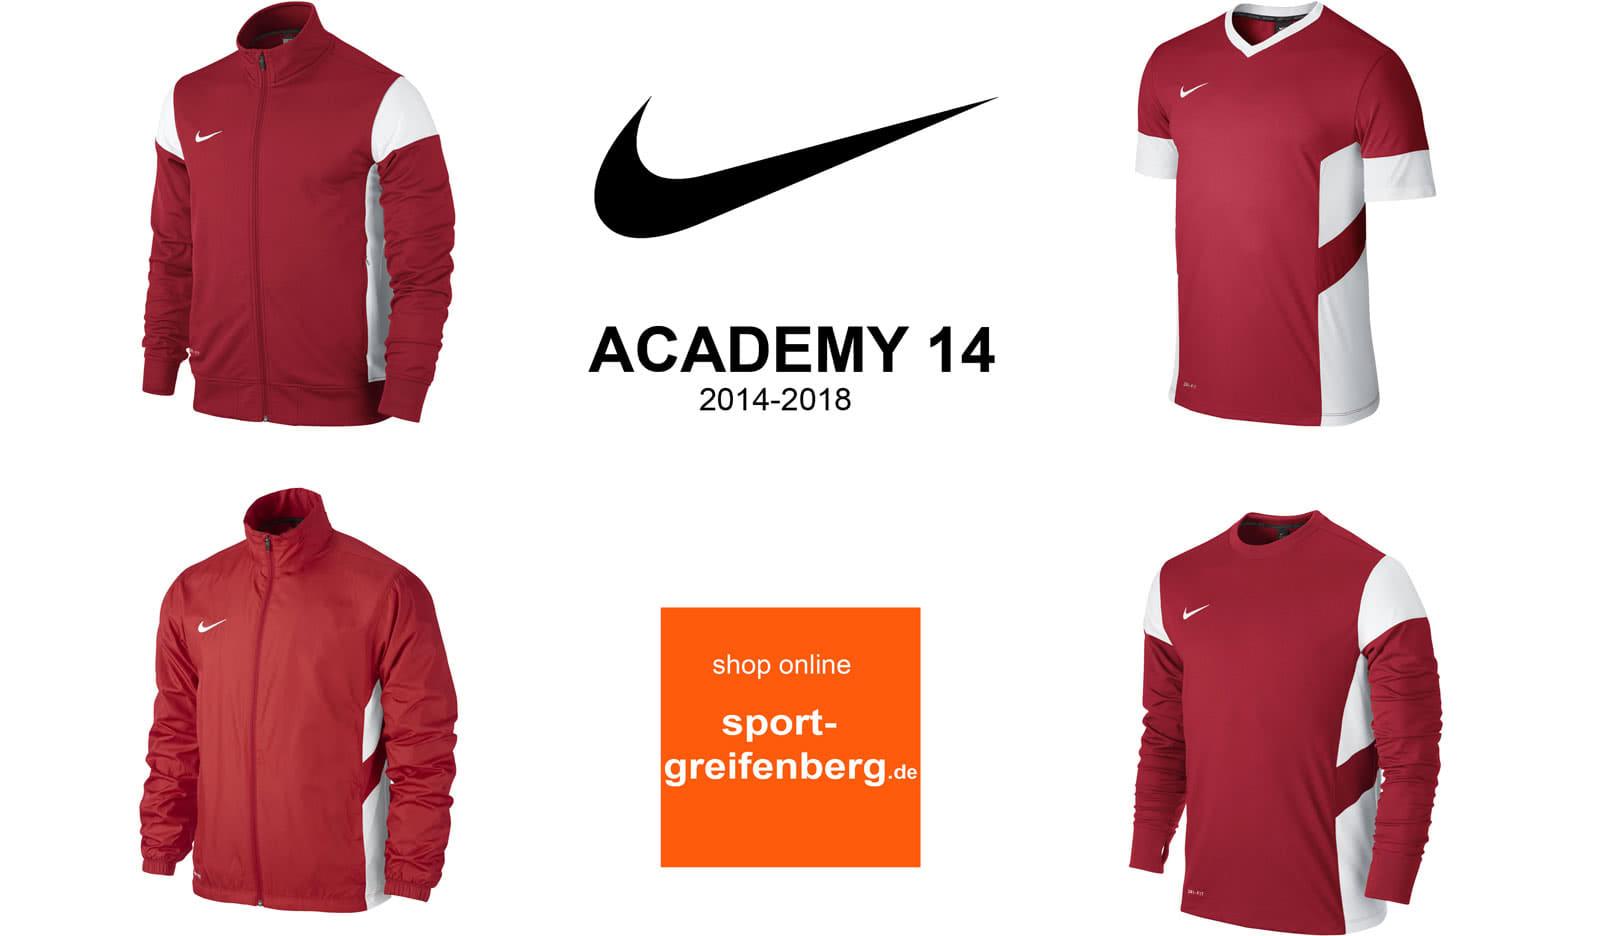 Die Nike Academy 14 Sportbekleidung mit Traningsanzüge sowie Tops und  T-Shirts